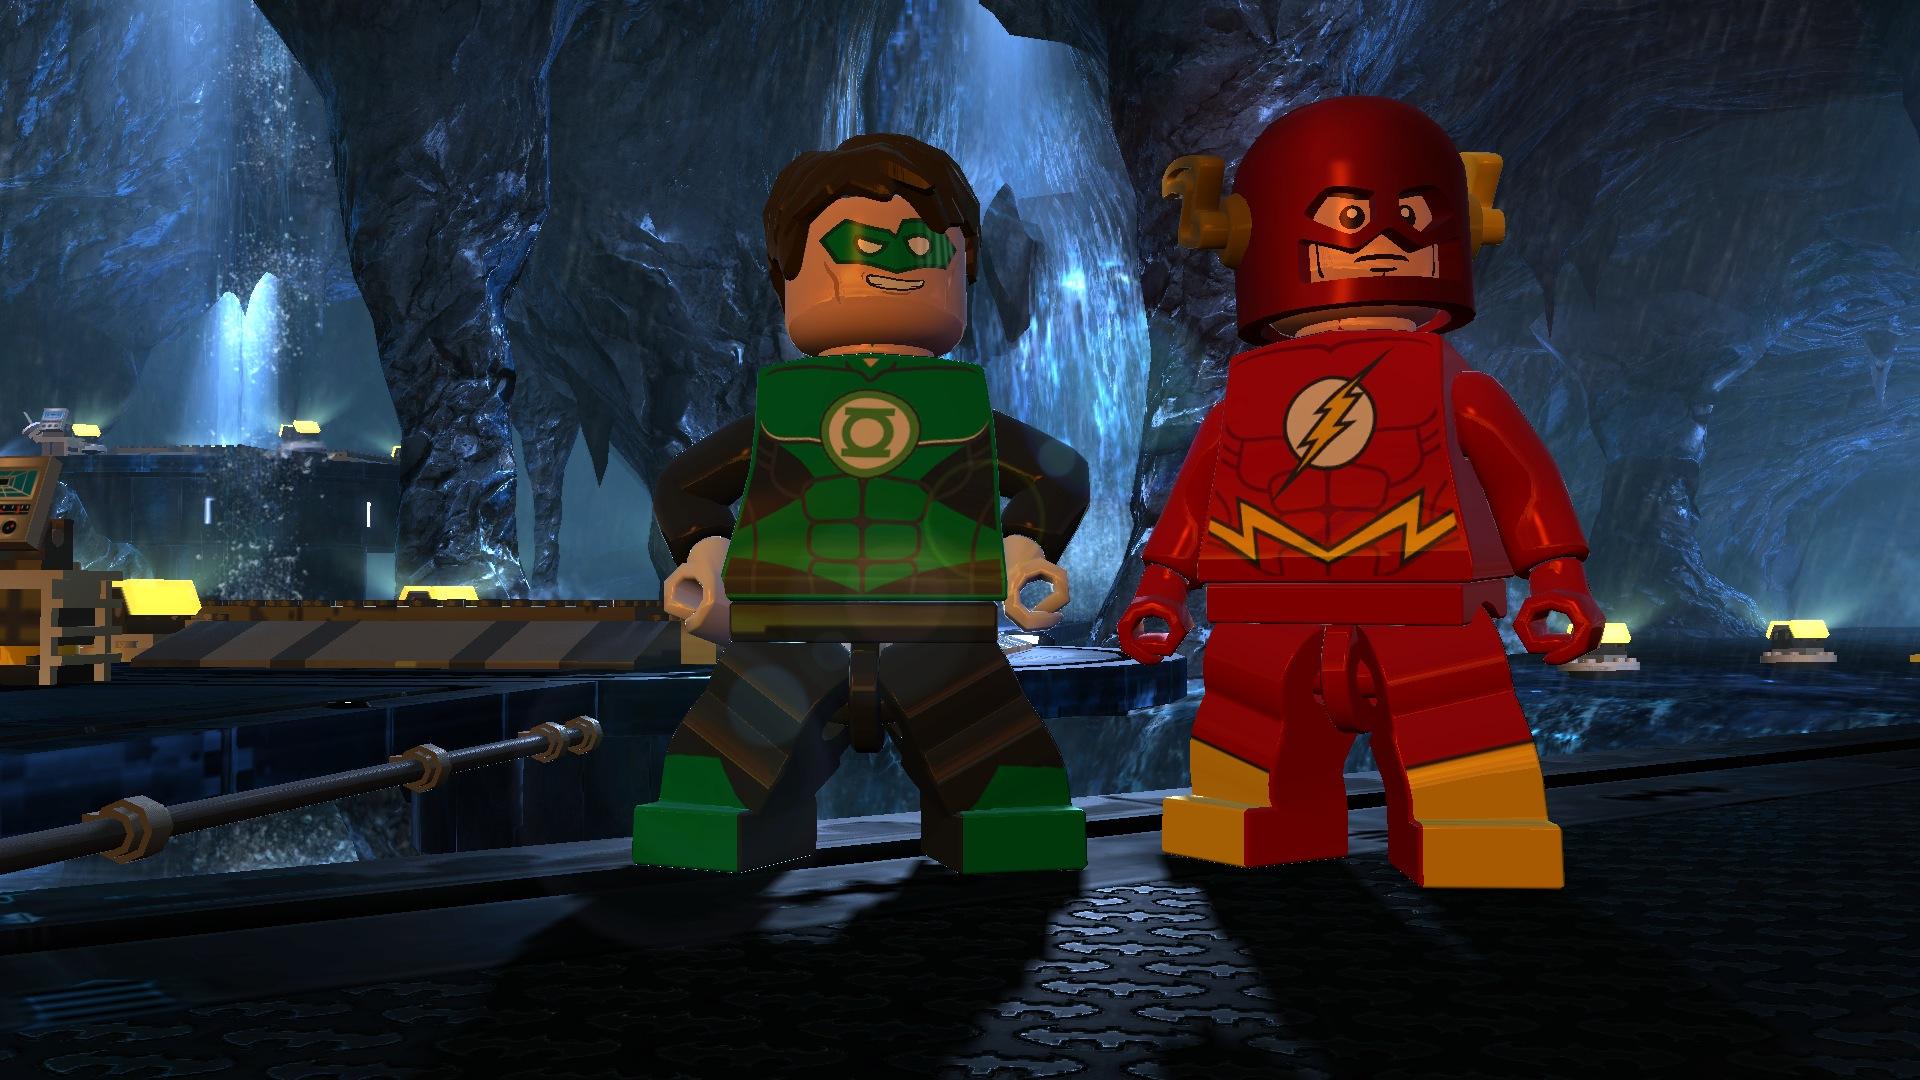 HQ LEGO Batman 2: DC Super Heroes Wallpapers | File 506.89Kb